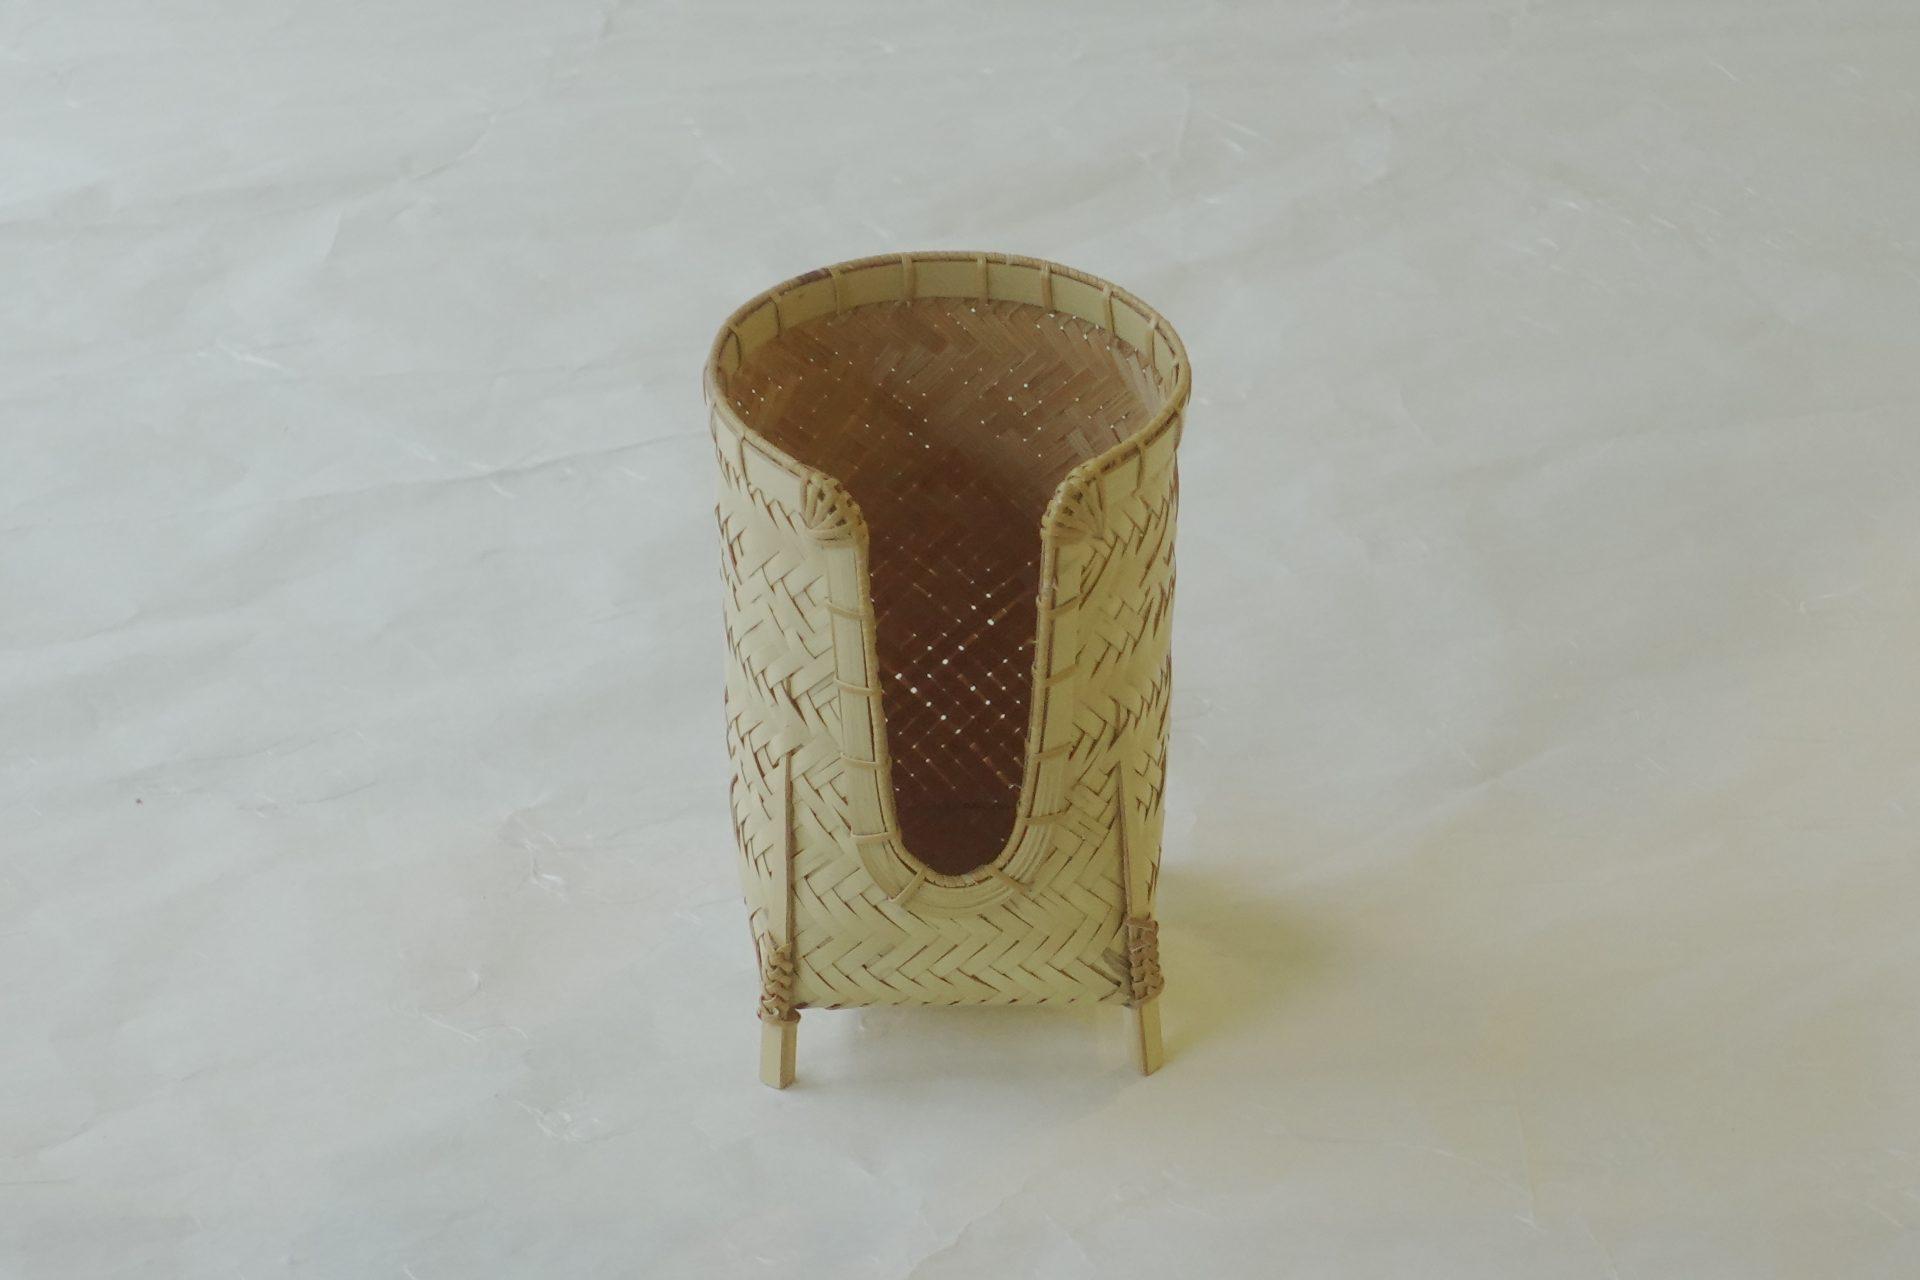 漆器 日本製 竹製 碗筒 煎茶 煎茶碗 白竹 編み方 細かい 補強 職人技 竹の表皮 滑らか 小ぶり